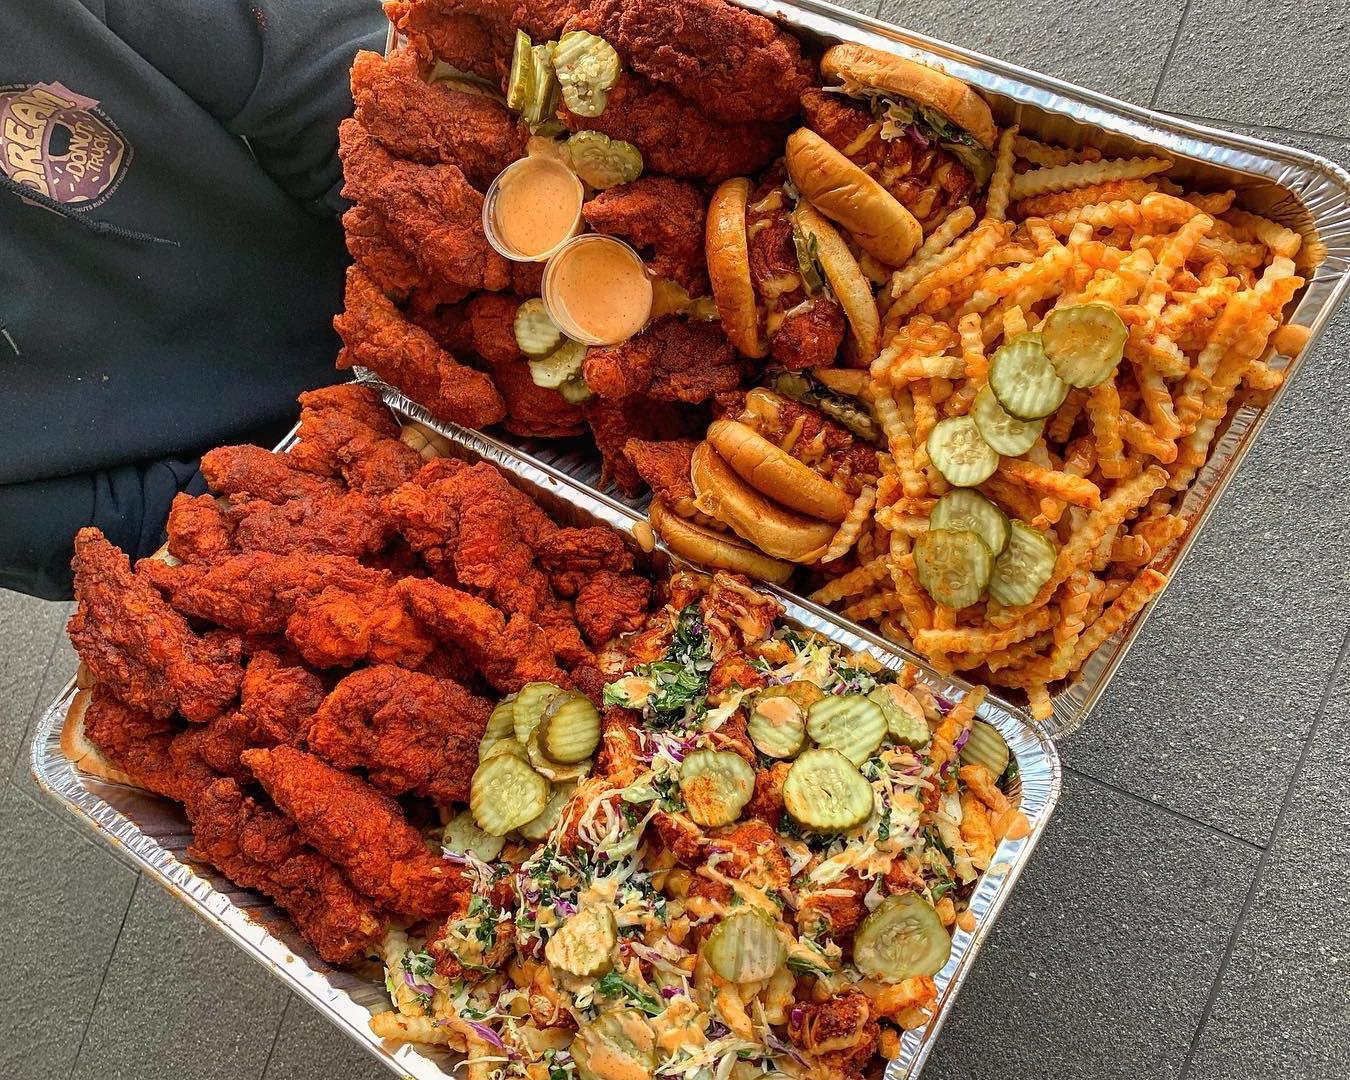 Nashville-Style Sensation Dave's Hot Chicken Dominates the San Fernando Valley Next